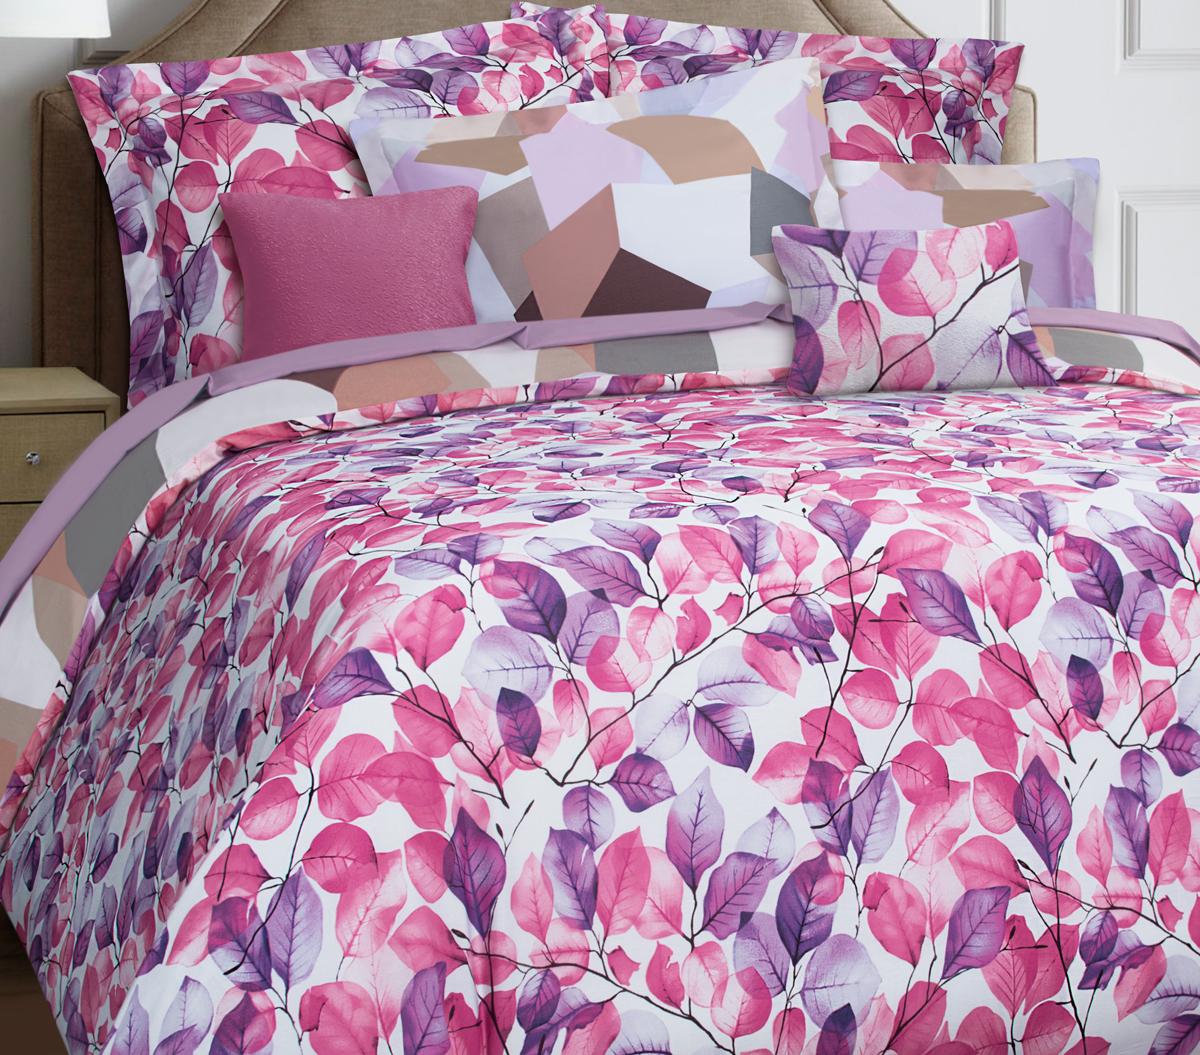 Комплект белья Mona Liza Premium Atelier Leaves, евро, наволочки 50х70, 70х70. 5049-0010